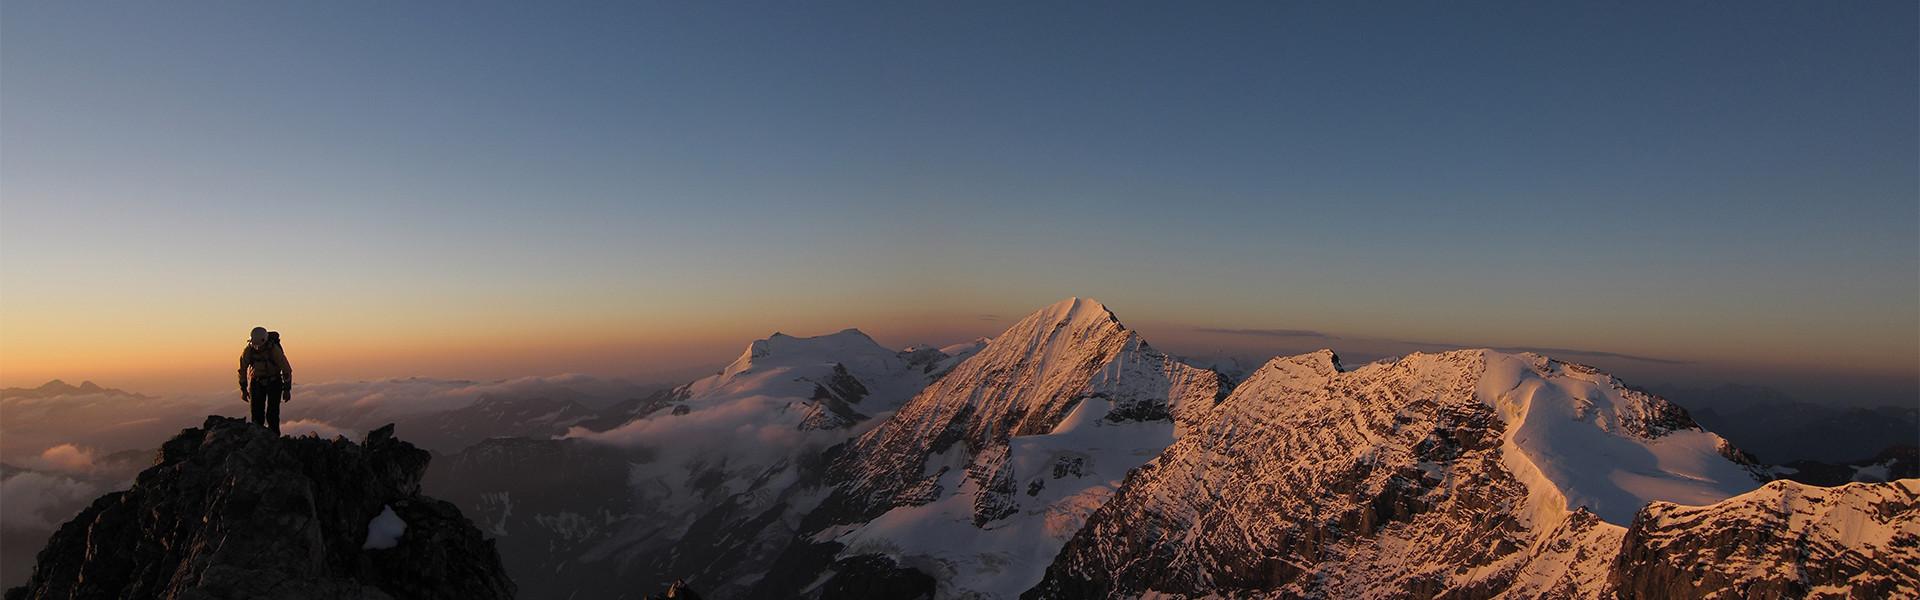 Bergsteiger im Morgengrauen in Richtung Ortler